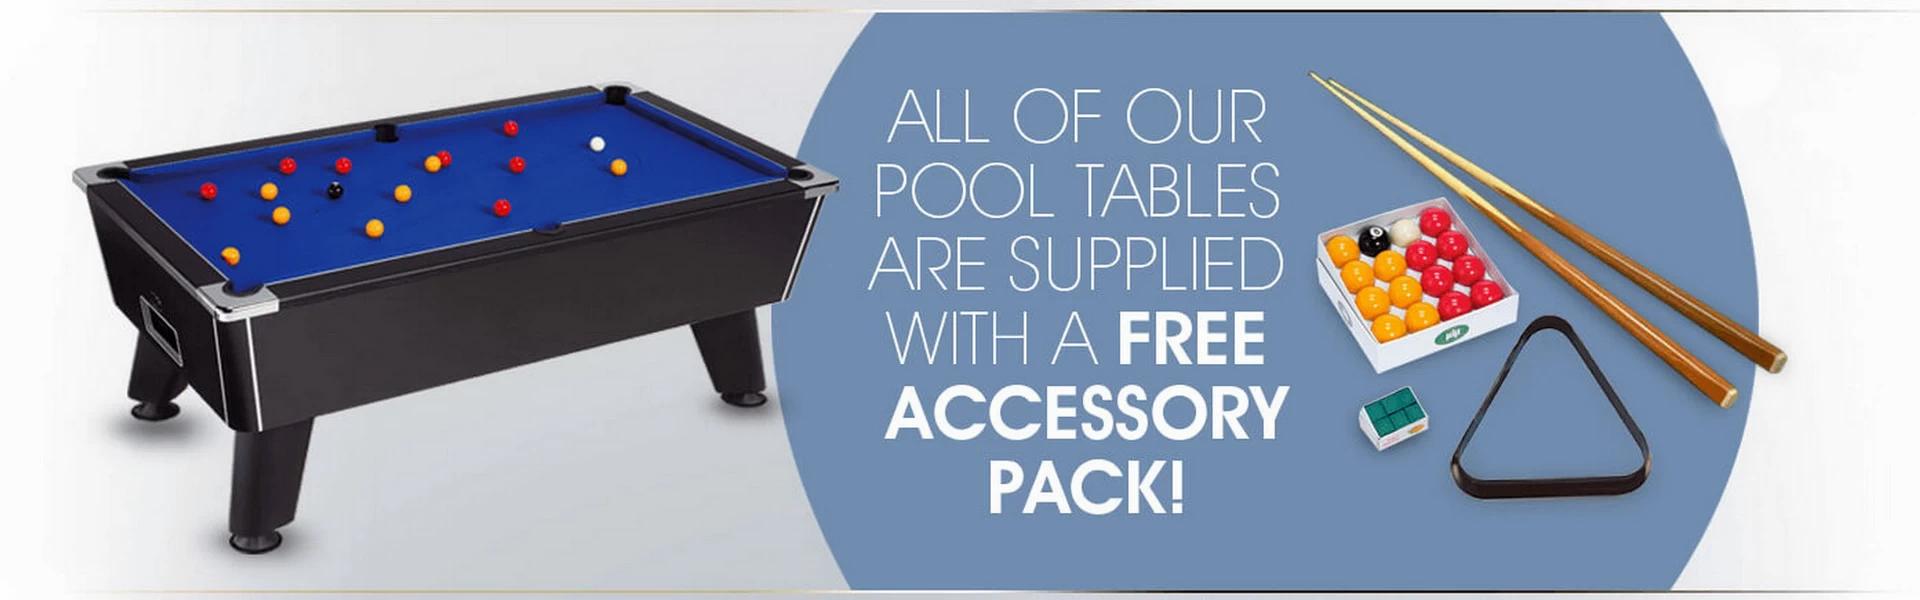 pool-accessories-banner.webp